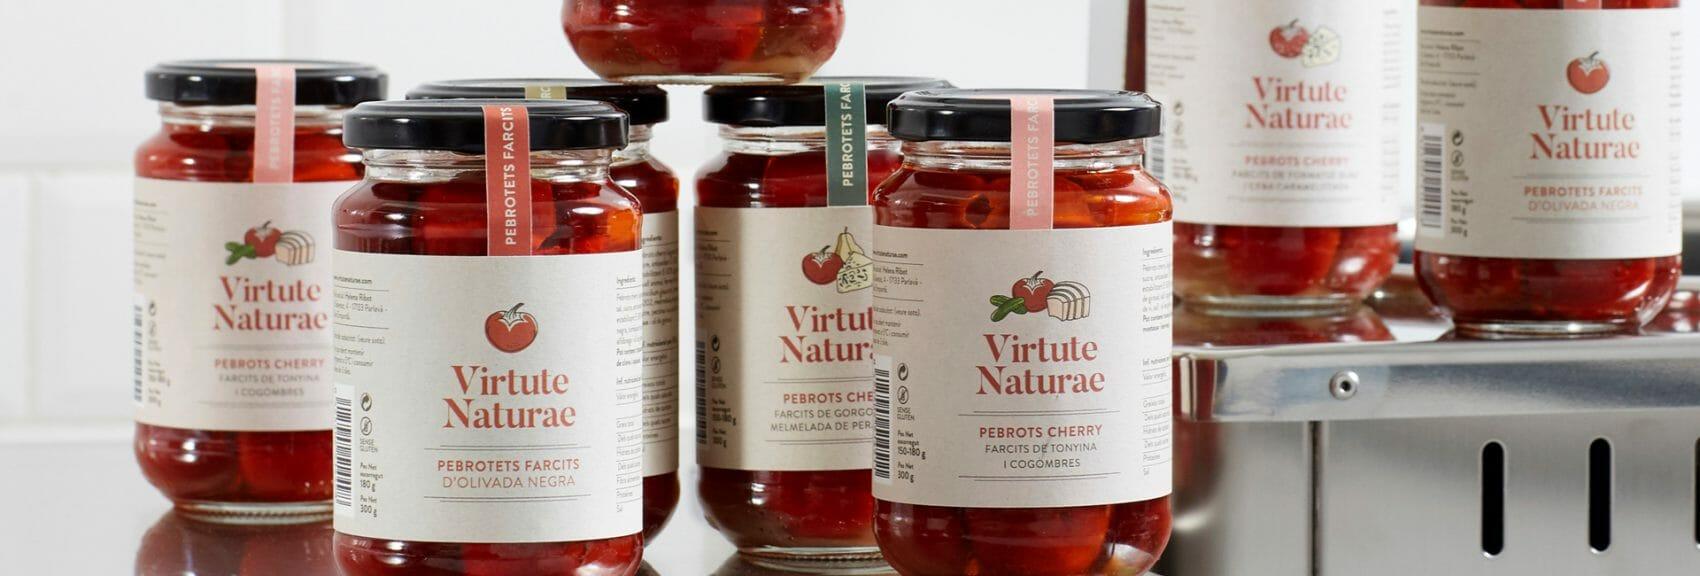 Conserve Virtute Naturae realizzate con le autoclavi TERRA Food-Tech